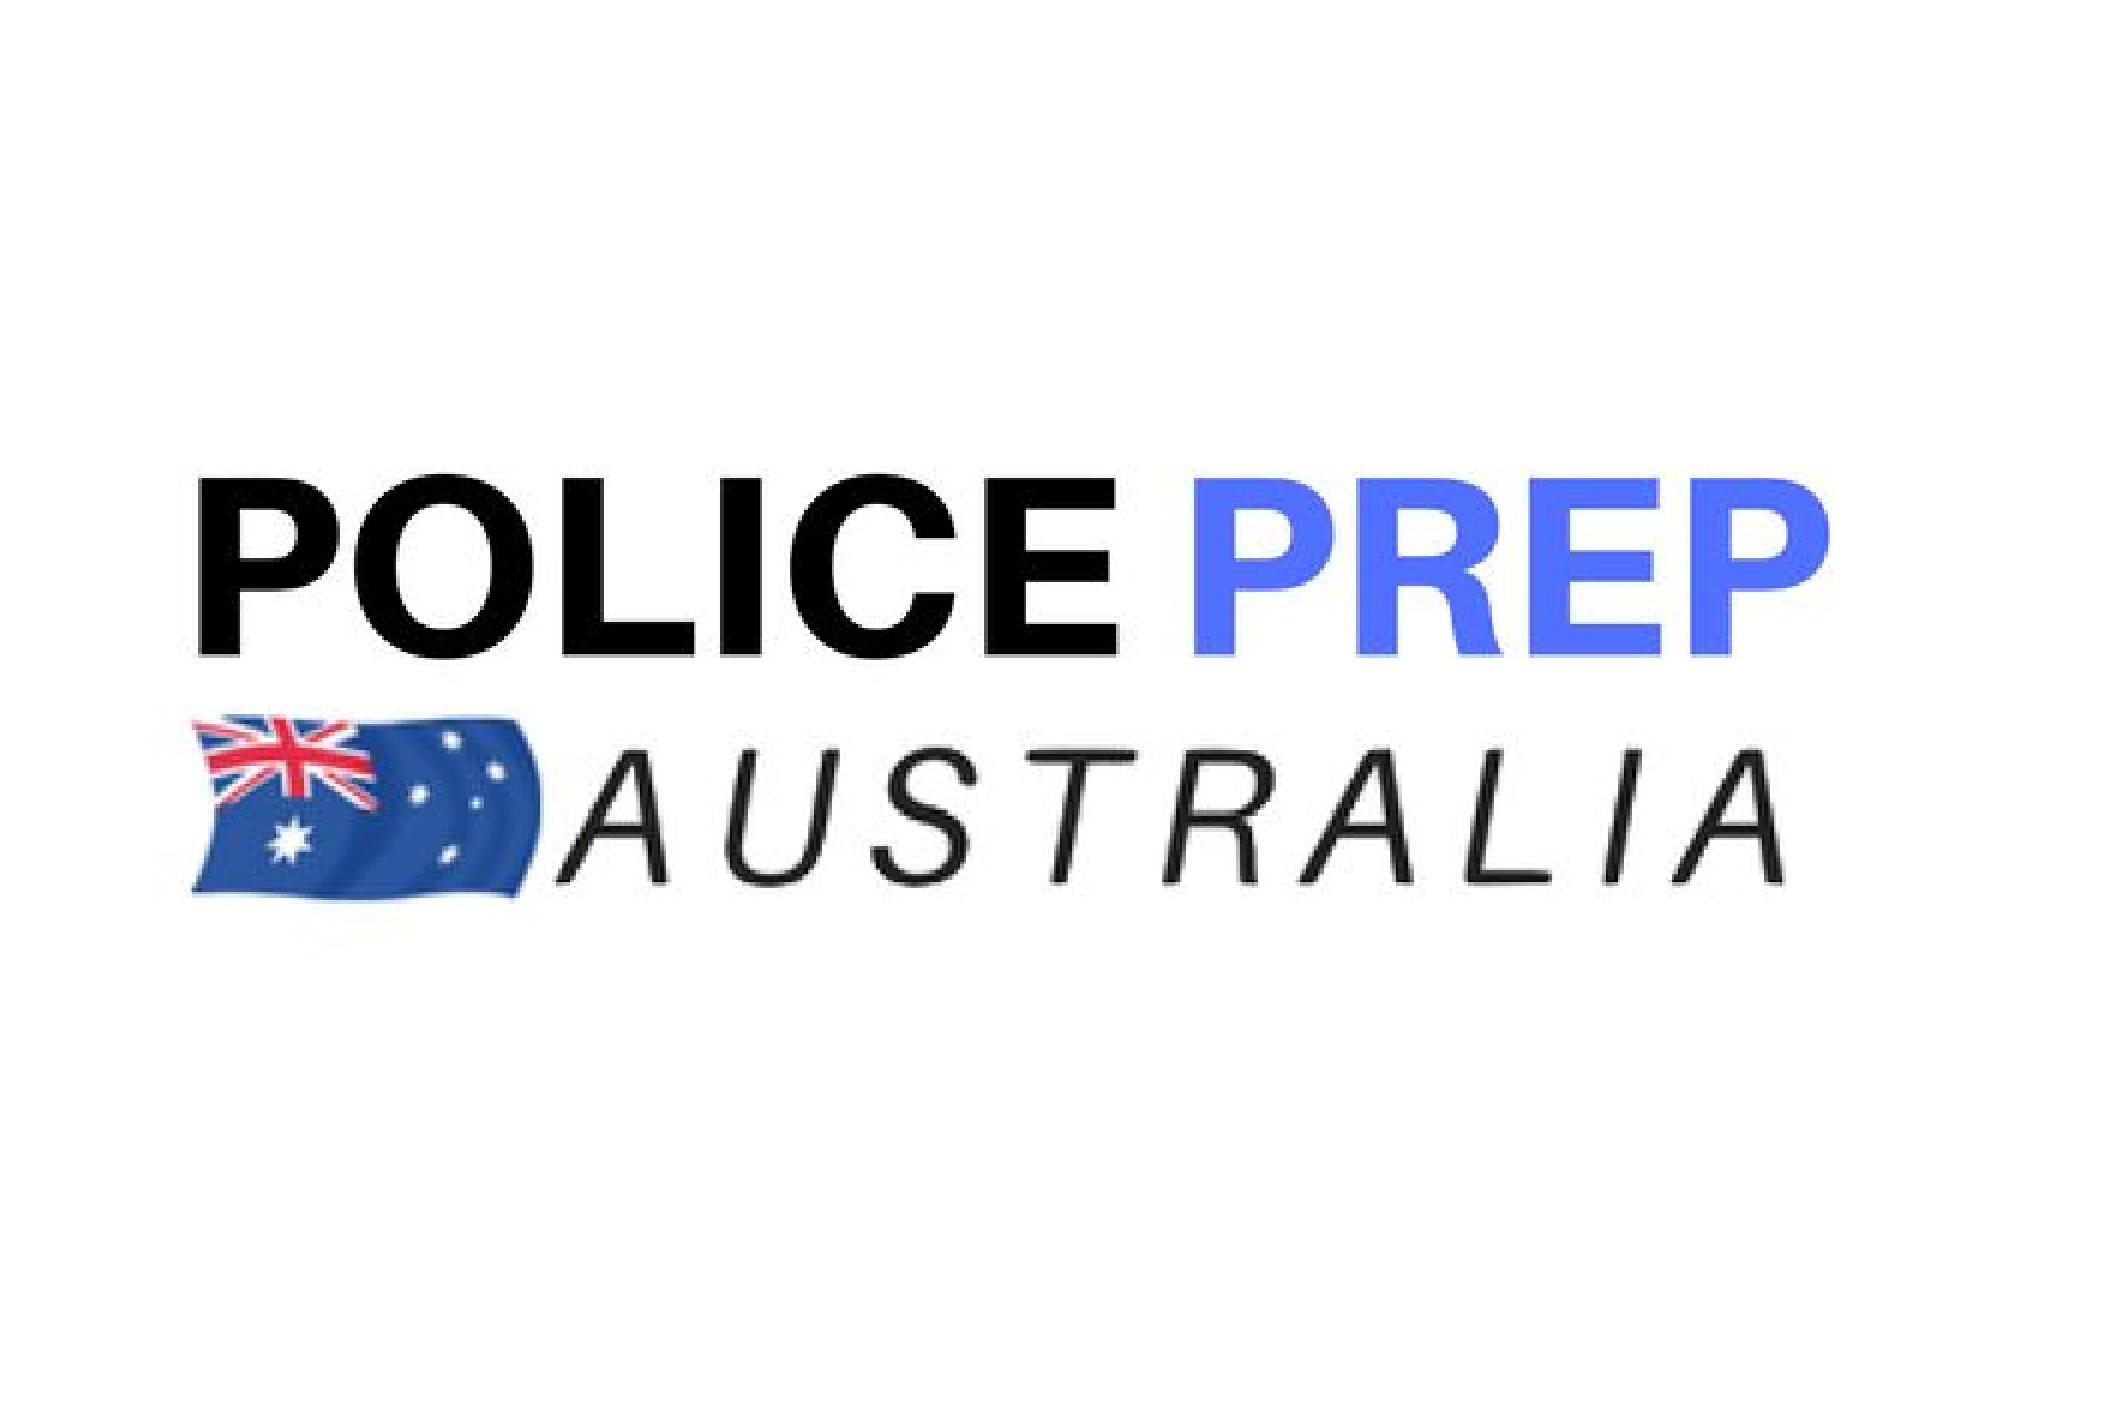 Police Prep